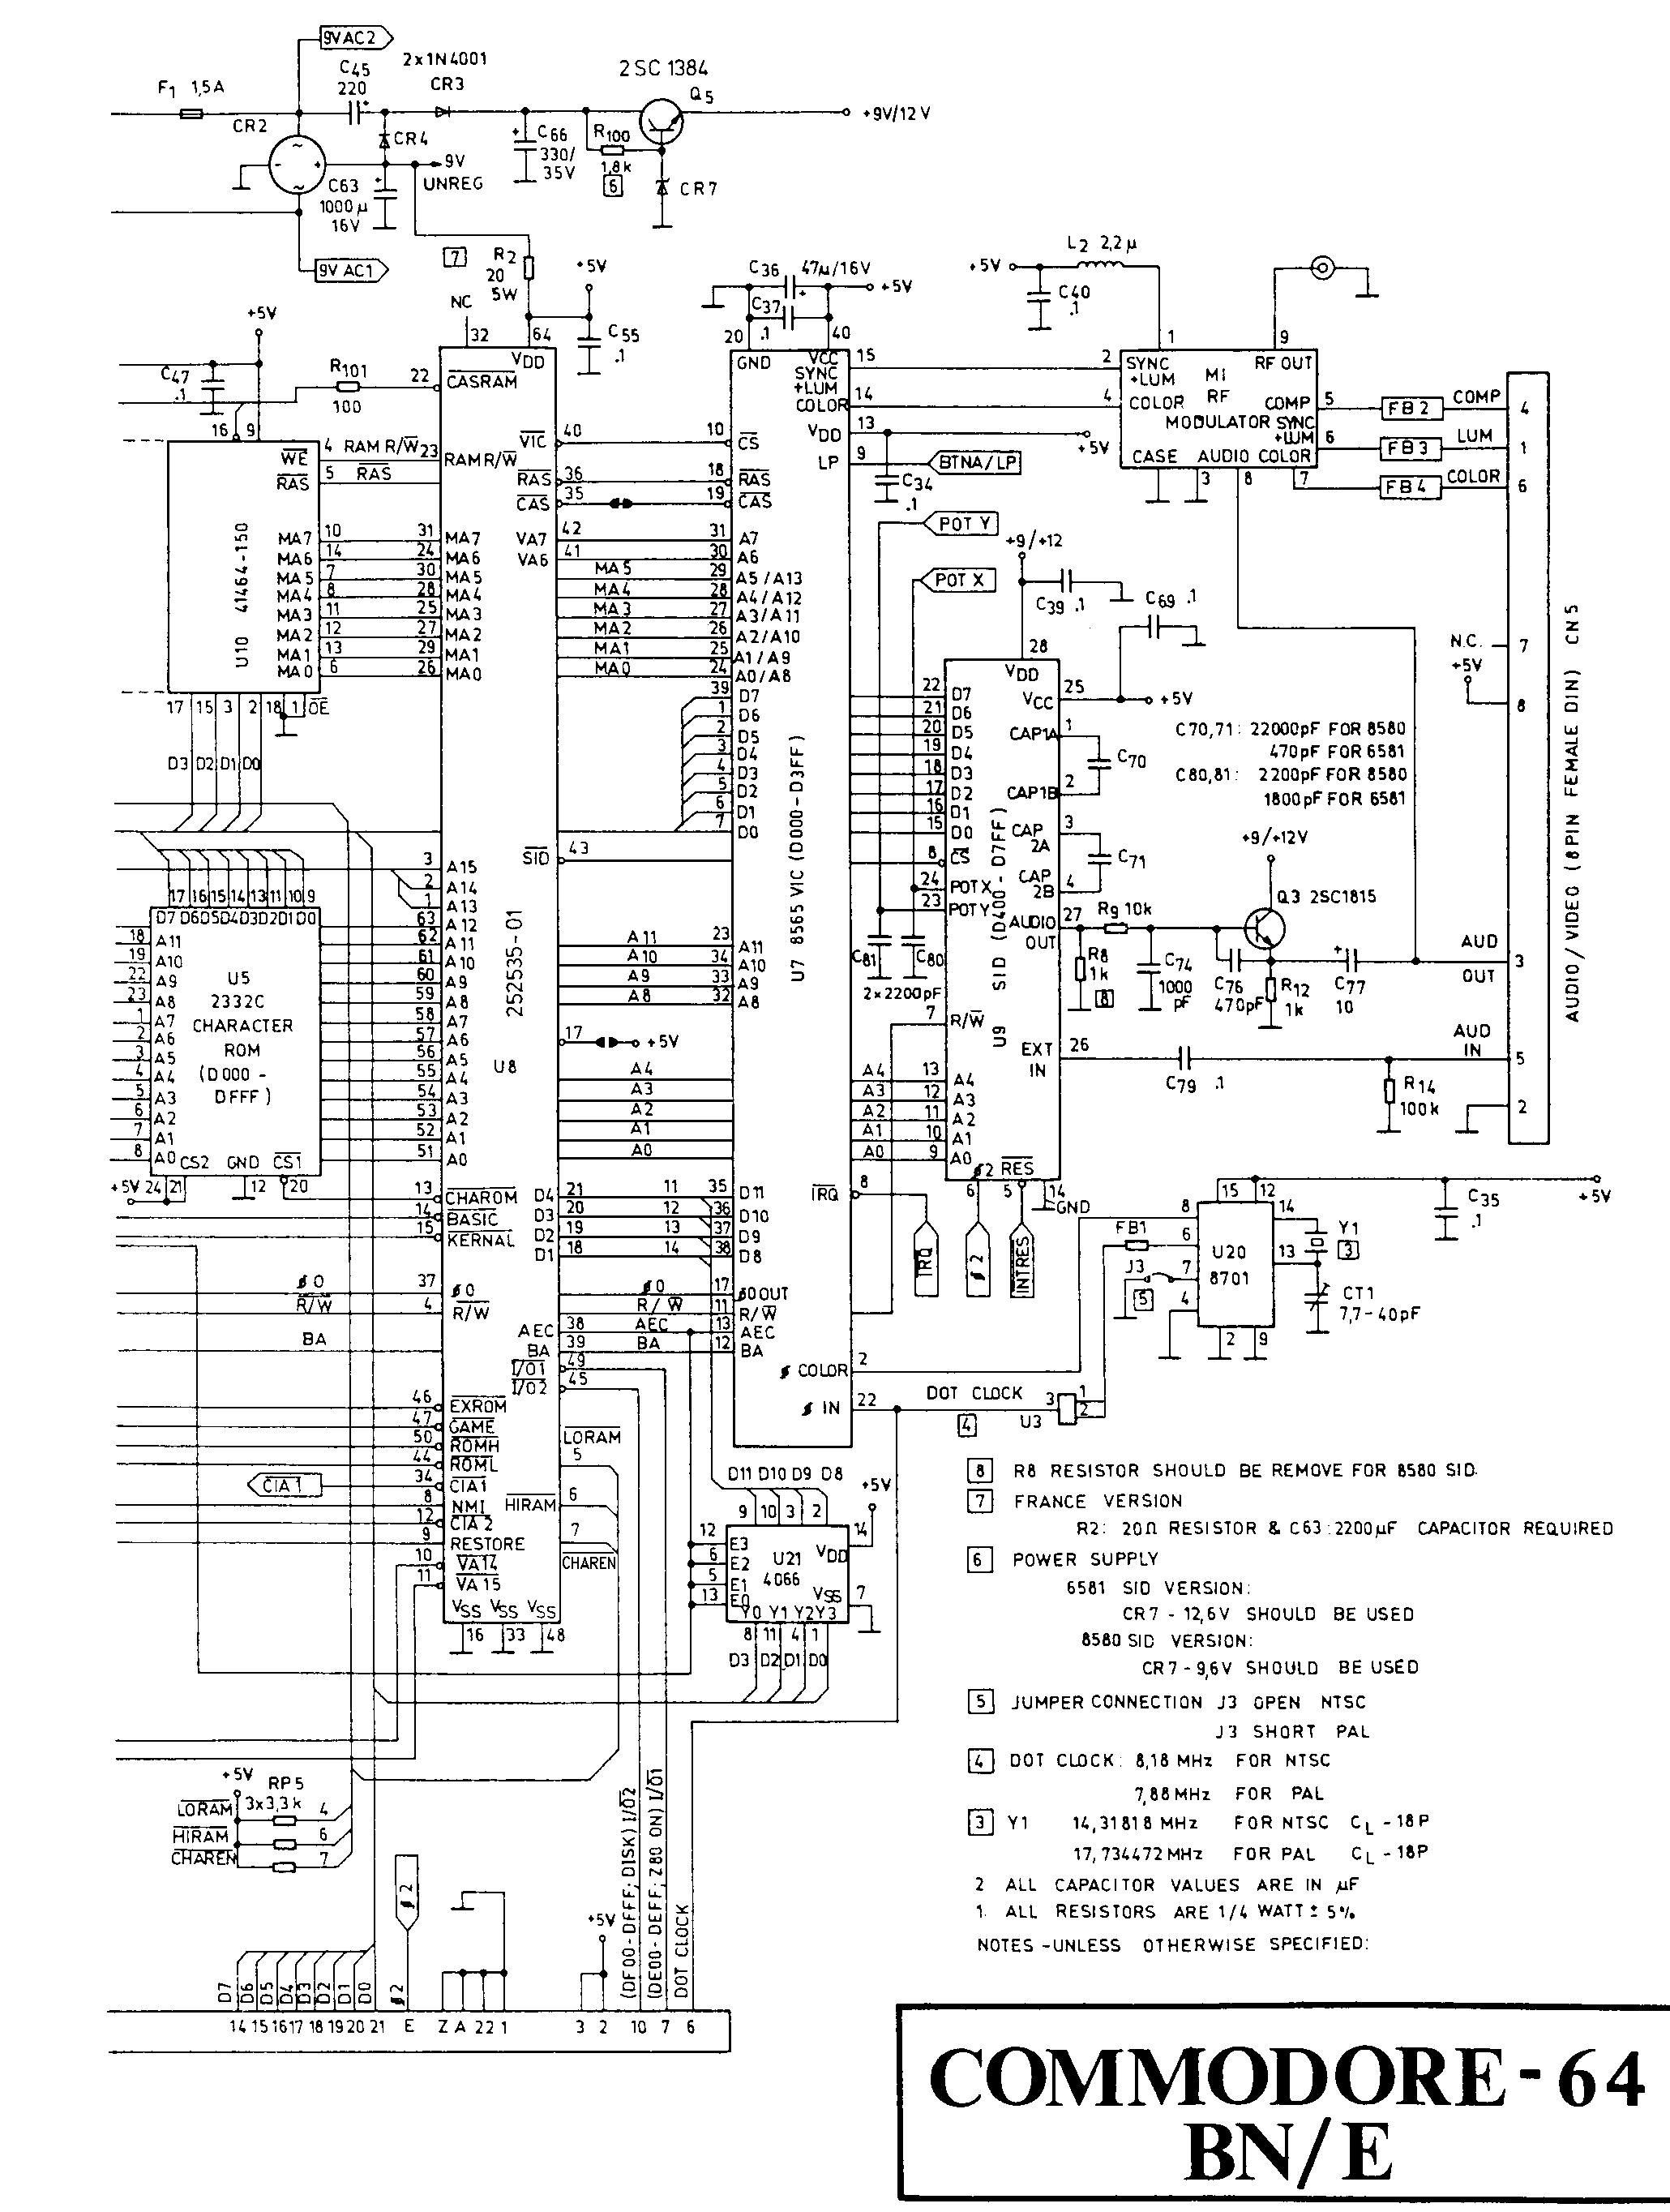 pub/cbm/schematics/computers/c64/www.zimmers.net